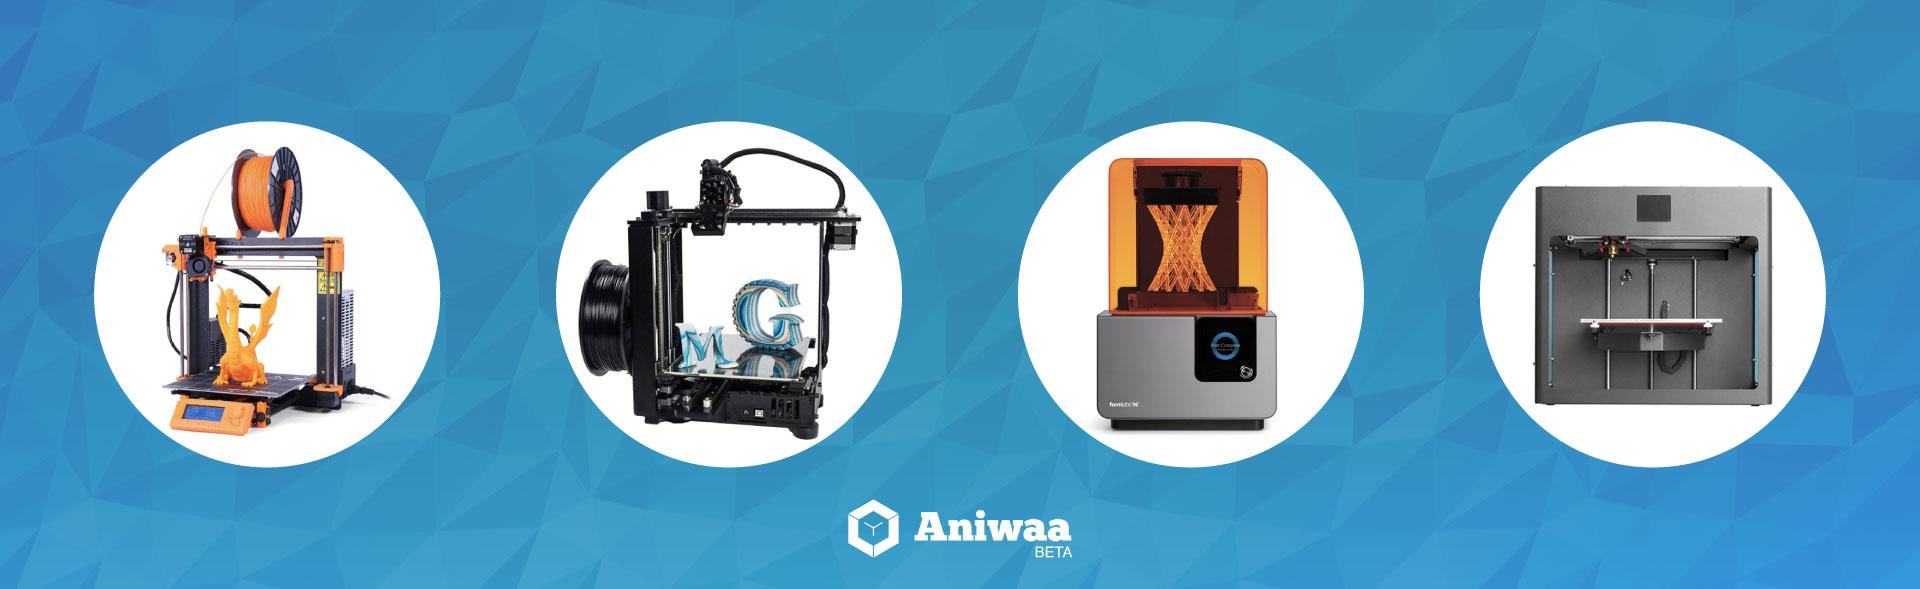 Best of 3D printers